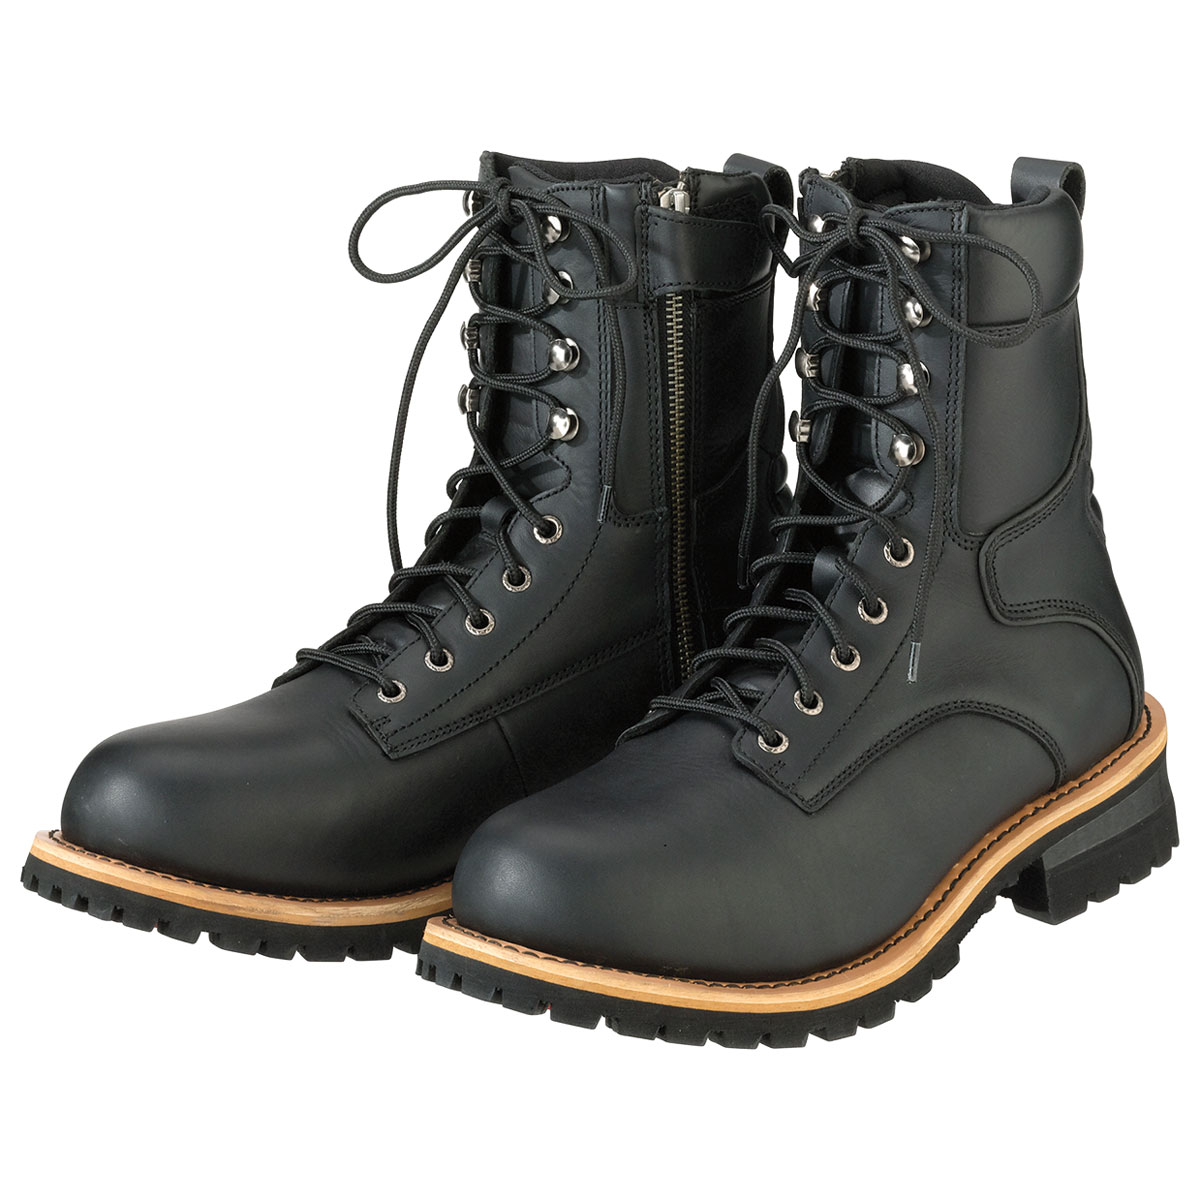 Z1R Men's M4 Waterproof Black Leather Boots